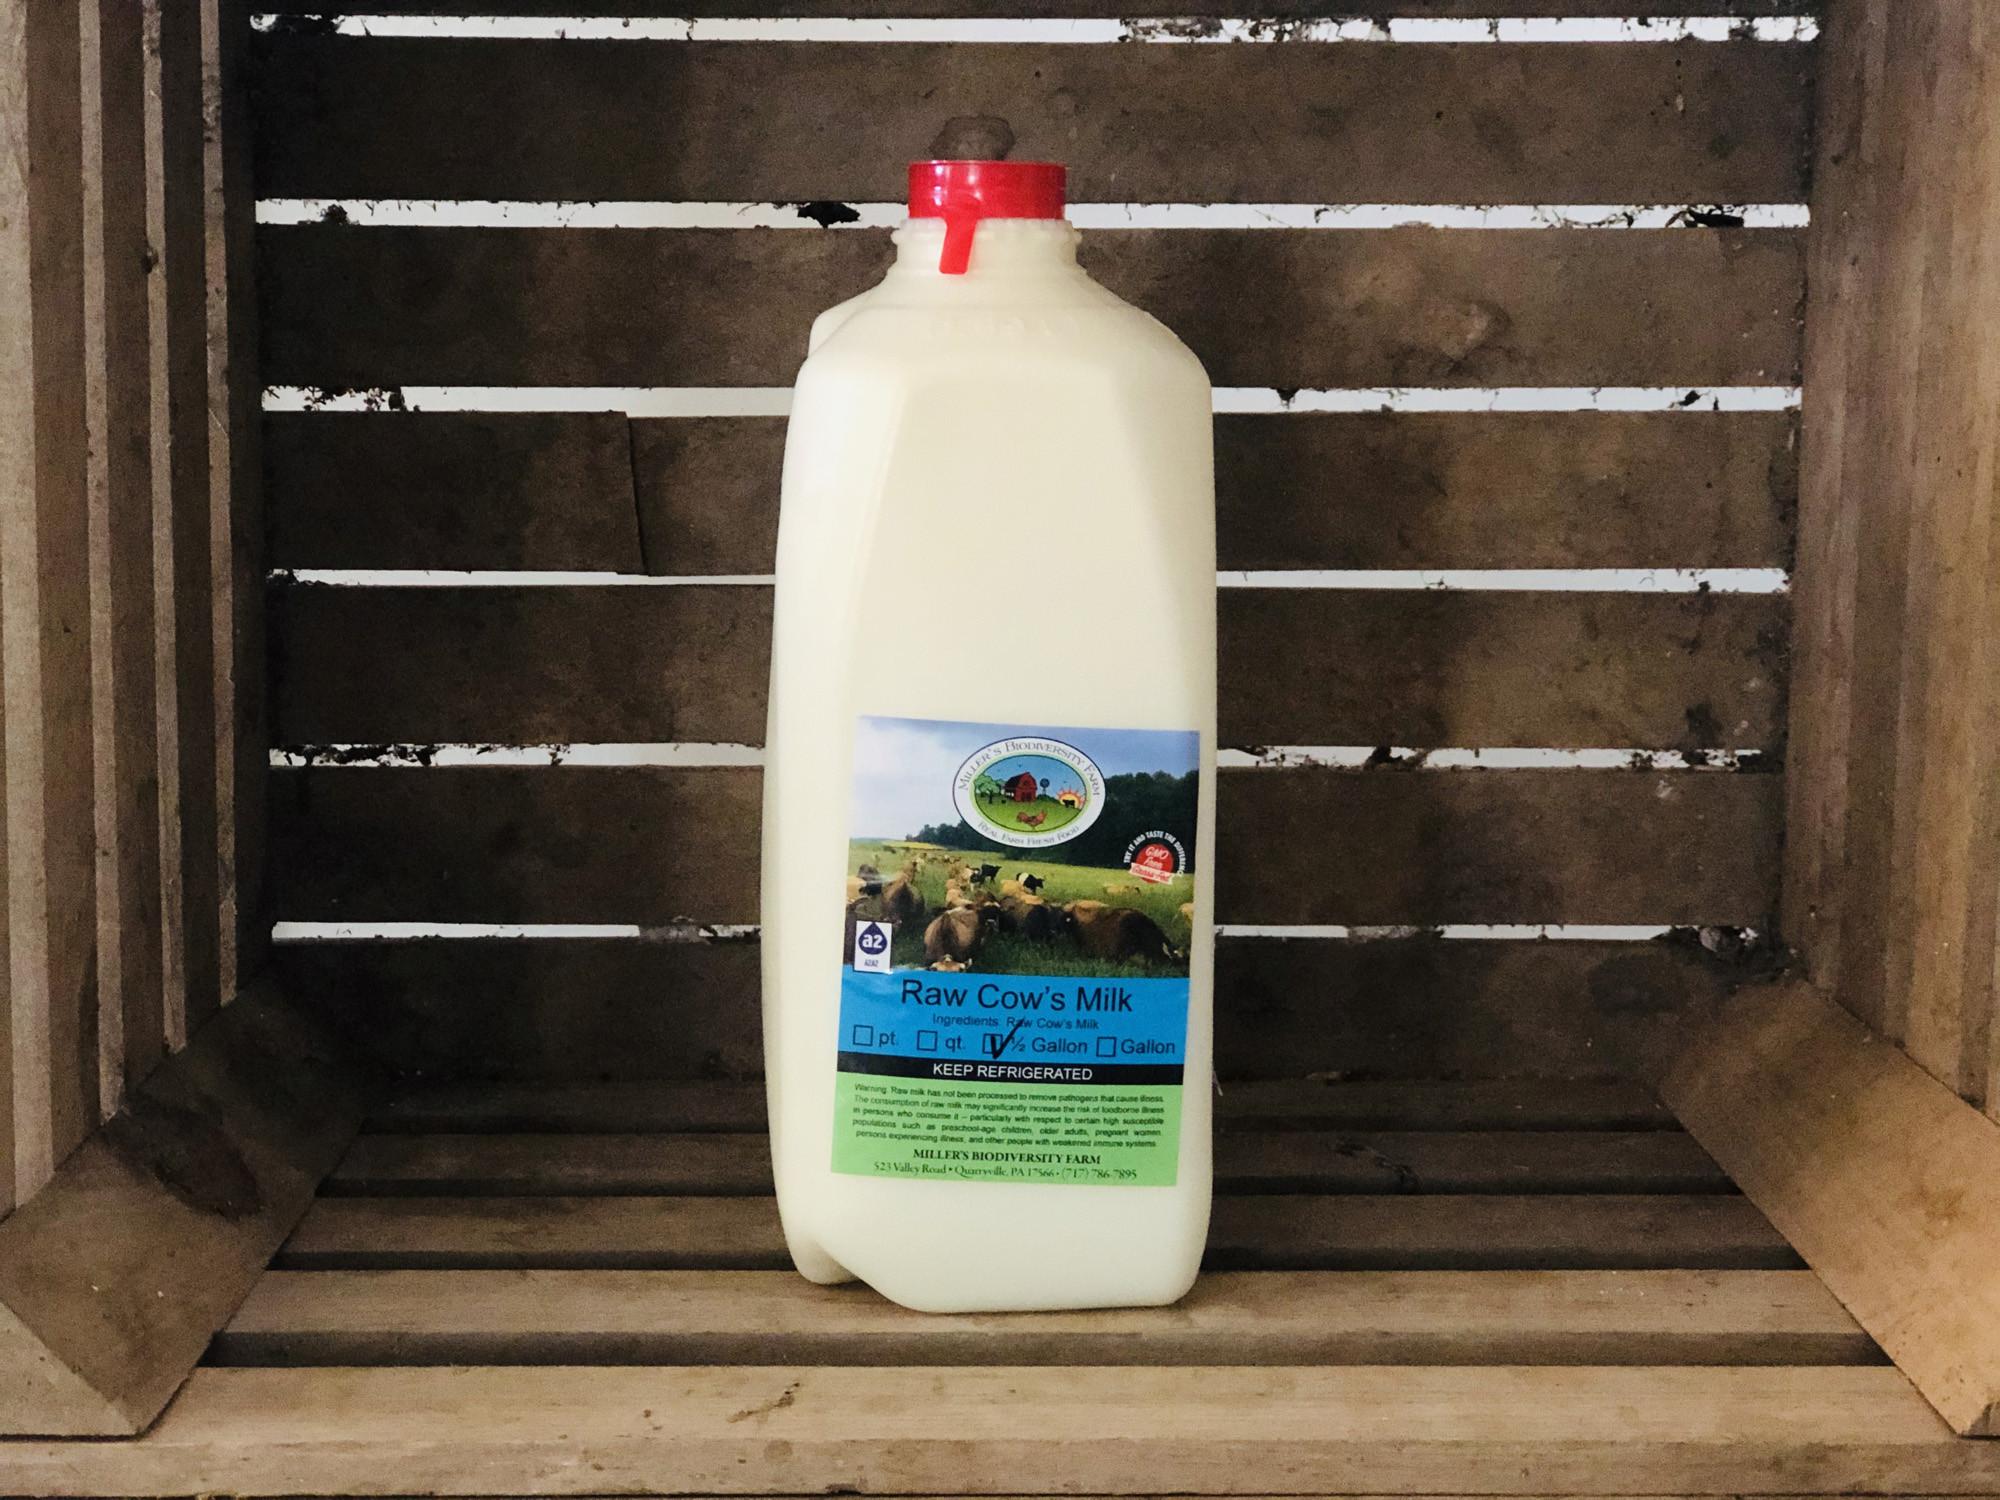 A2 Milk, 1/2 gallon